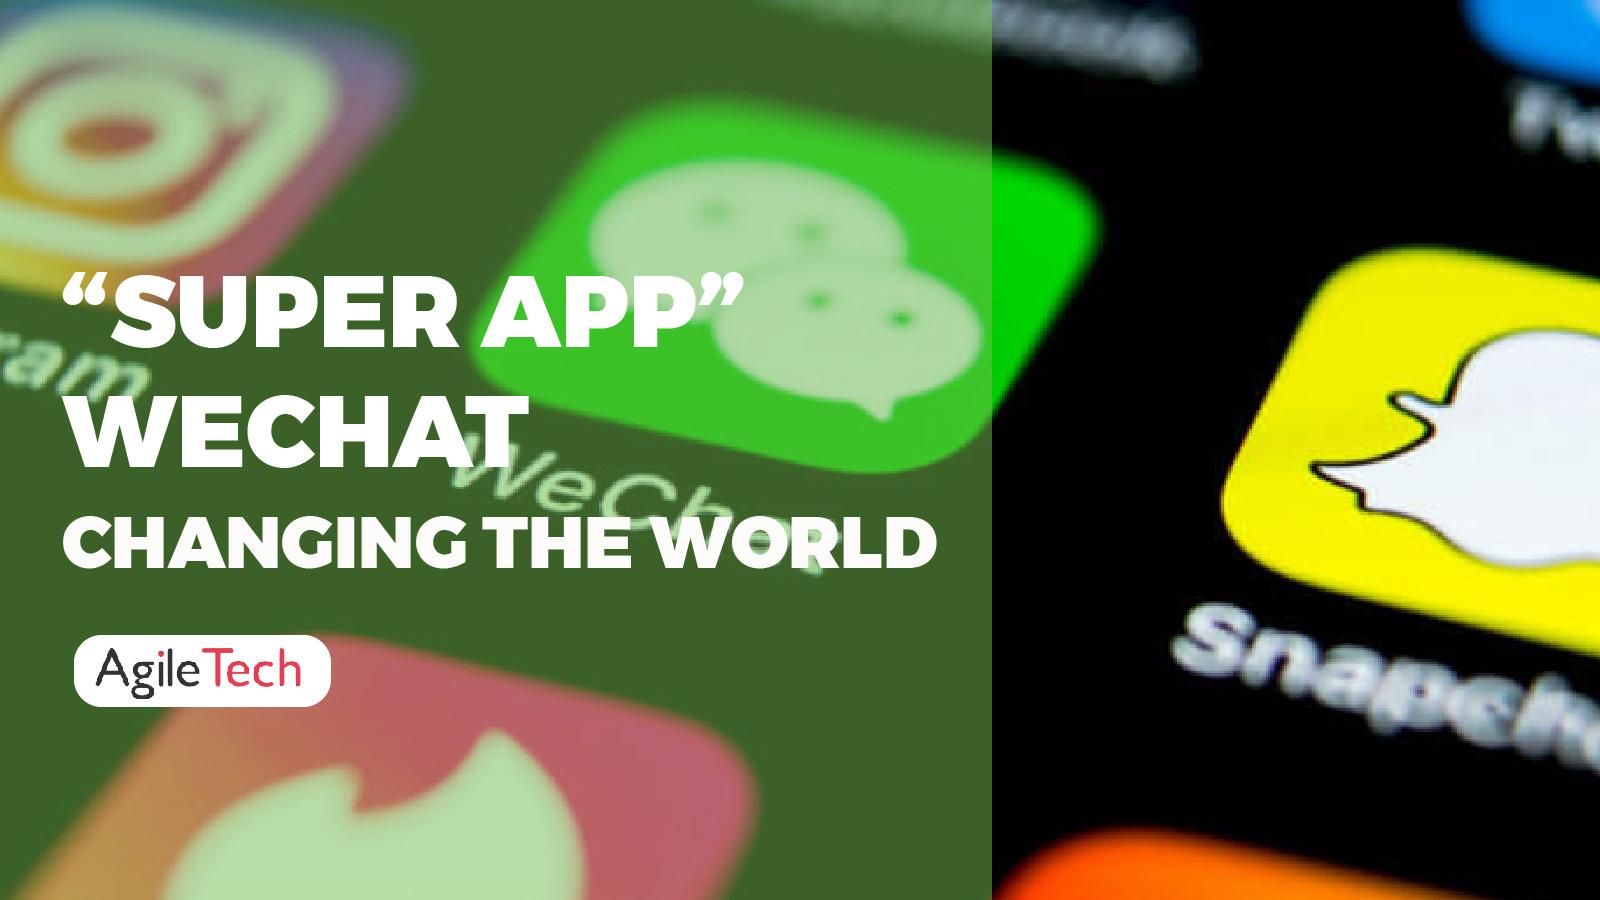 super app, wechat changing the world, agile super app, agiletech